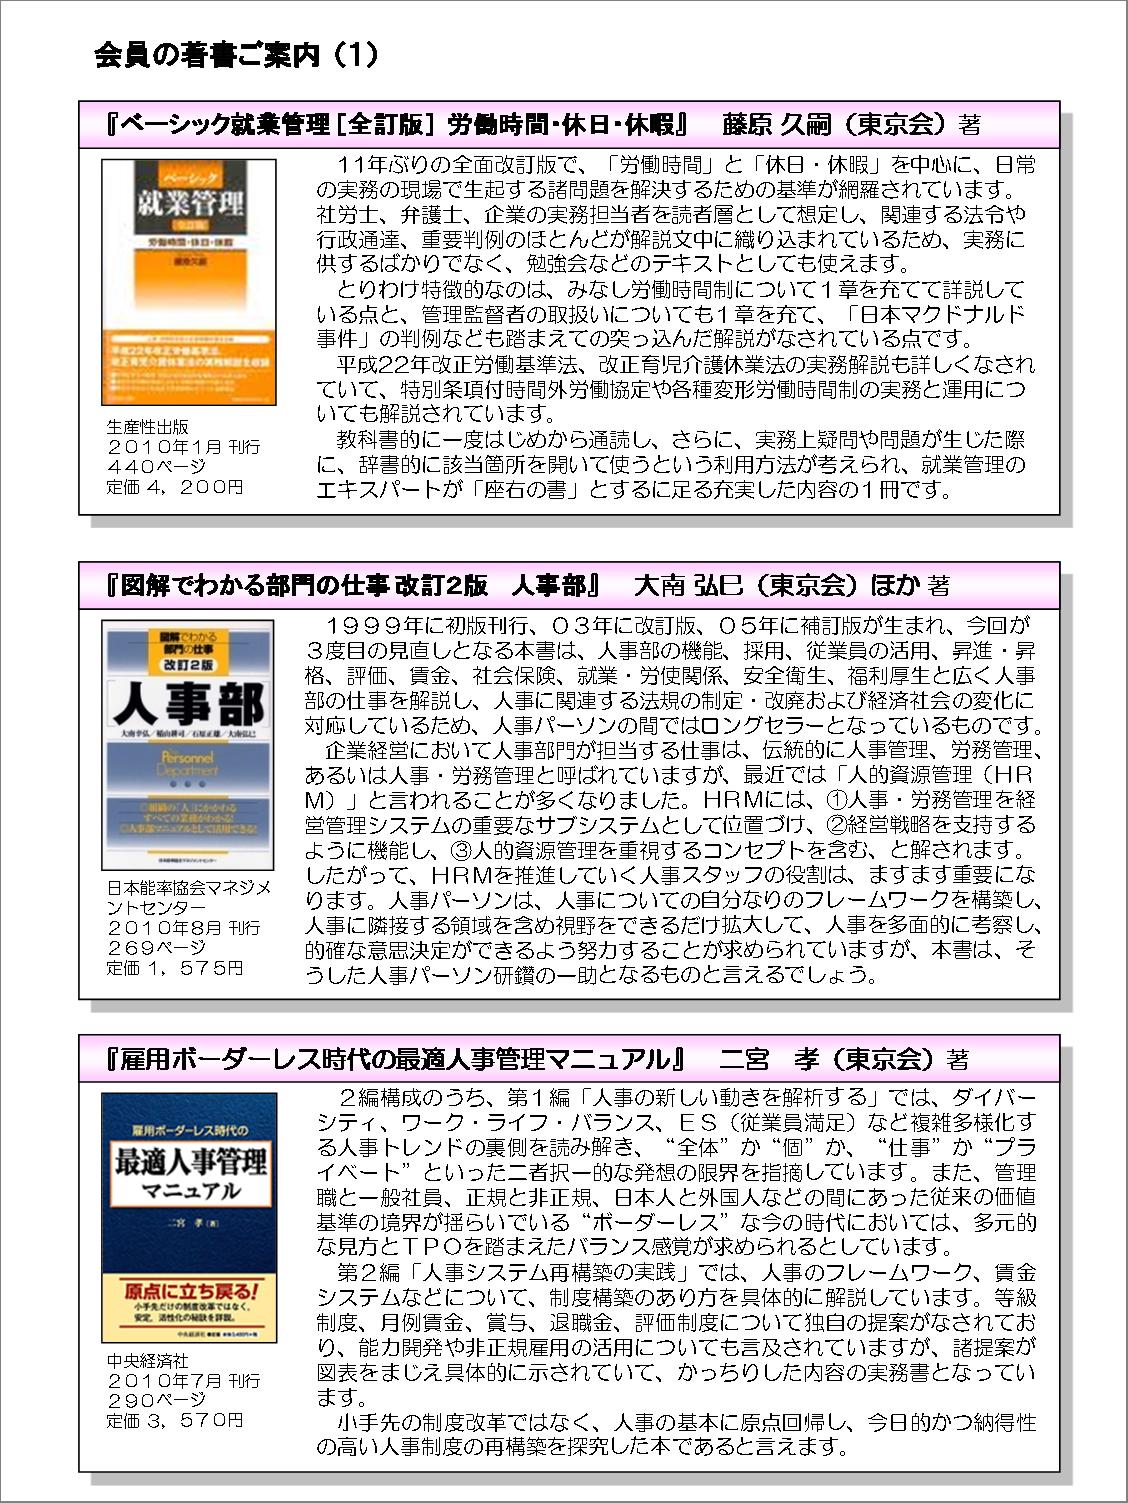 会員著書のご紹介(会報16 20101001) 1